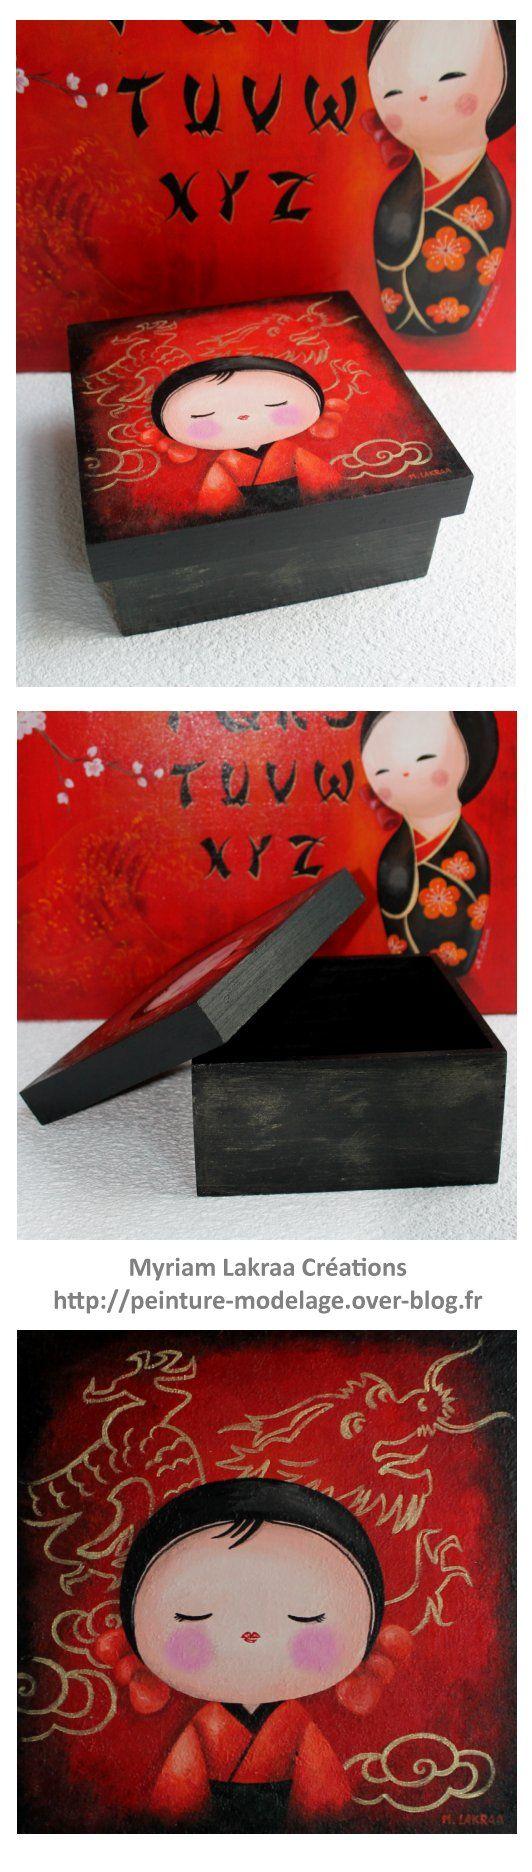 Coffret kokeshi Bo u00eete en bois Peinture acrylique et vernis satiné Dimensions 21×21 cm  # Vernis Peinture Acrylique Bois